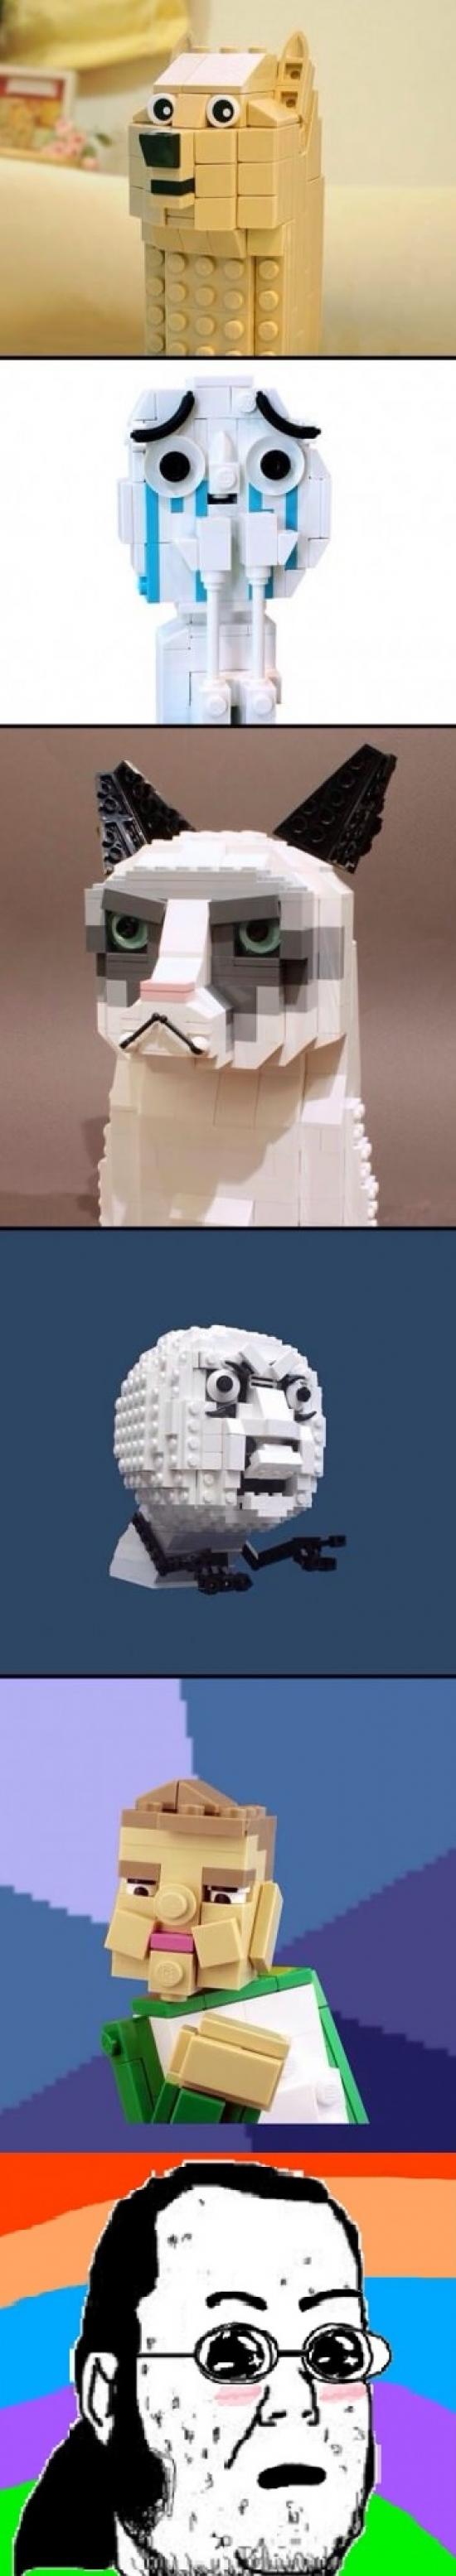 Amazed - El día que los memes se cruzaron con el Lego